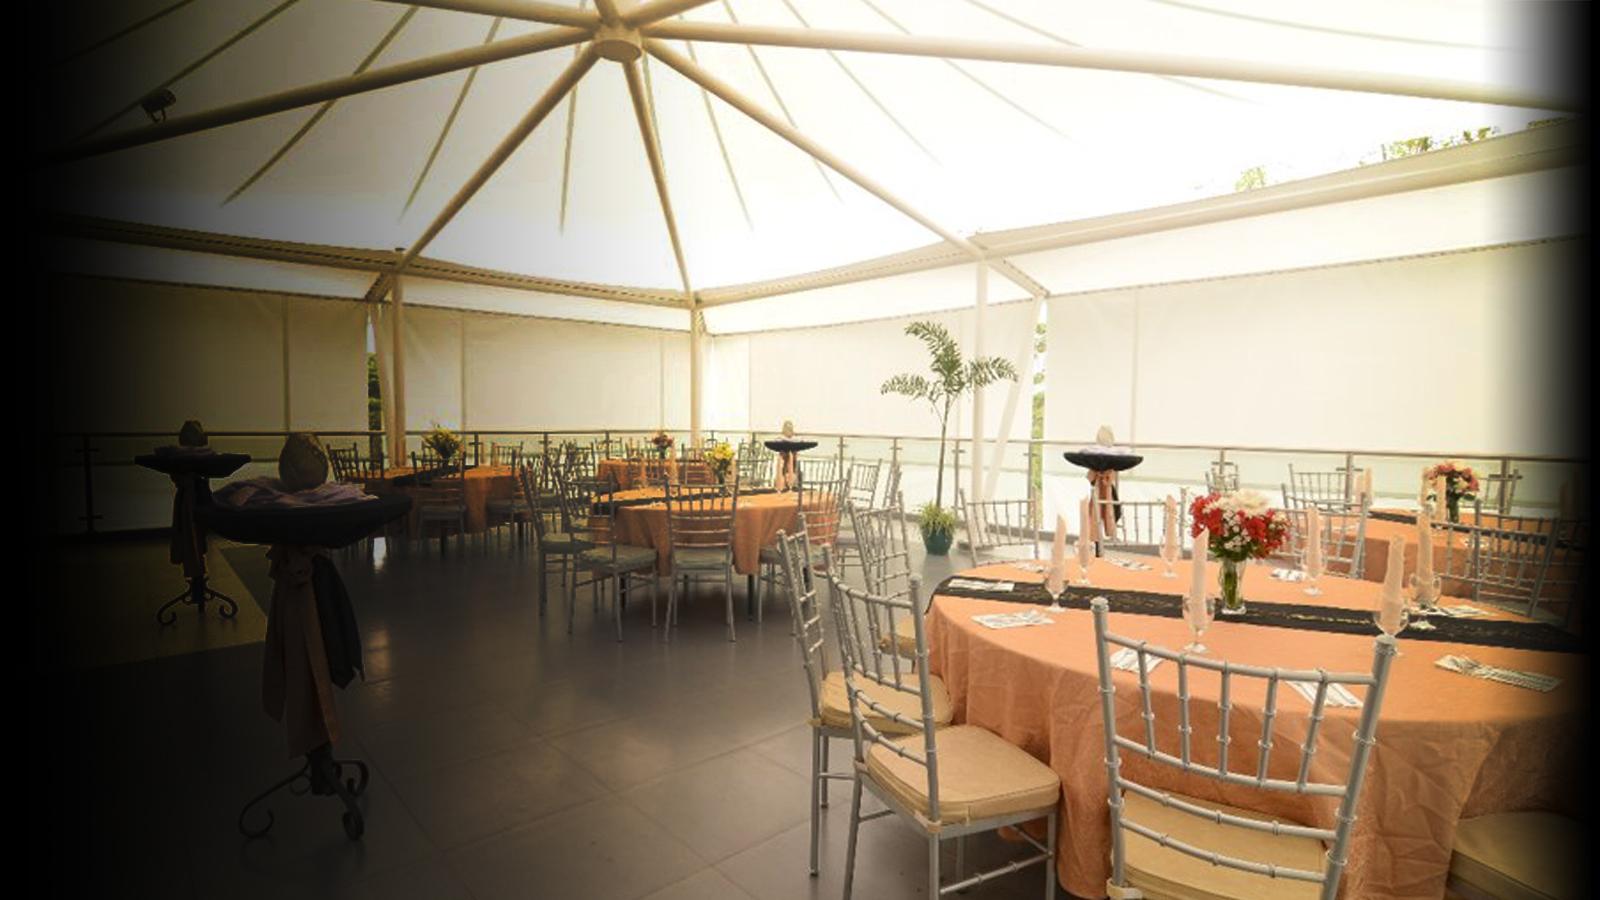 Roofdeck Tent